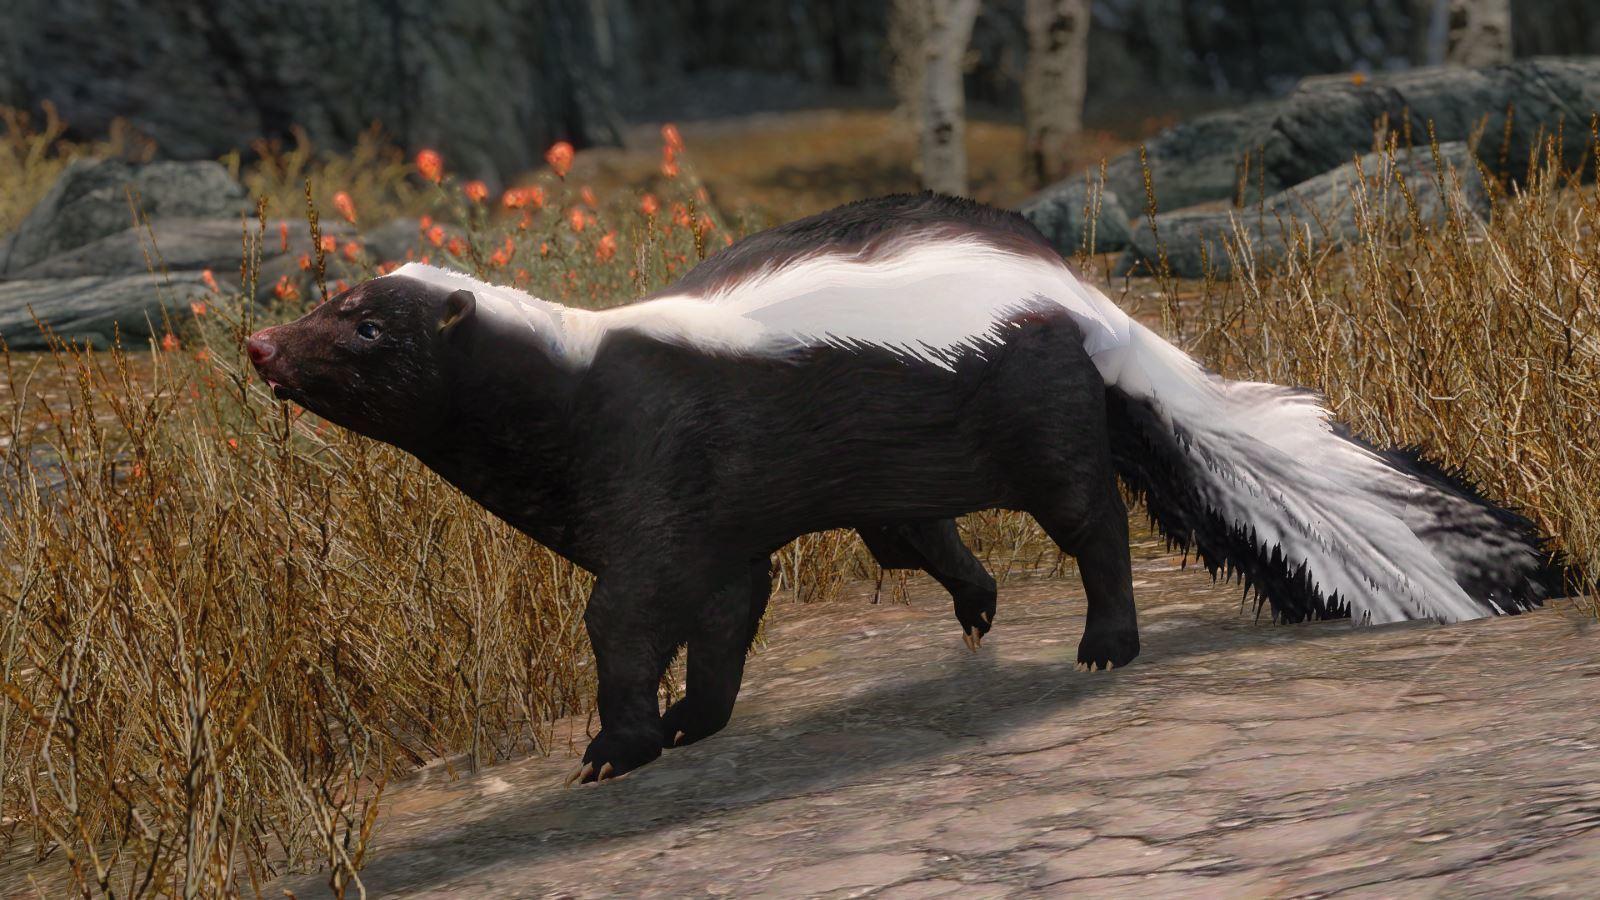 RacoonSkunkMihailSK 133-1 Pose StripedSkunk 1